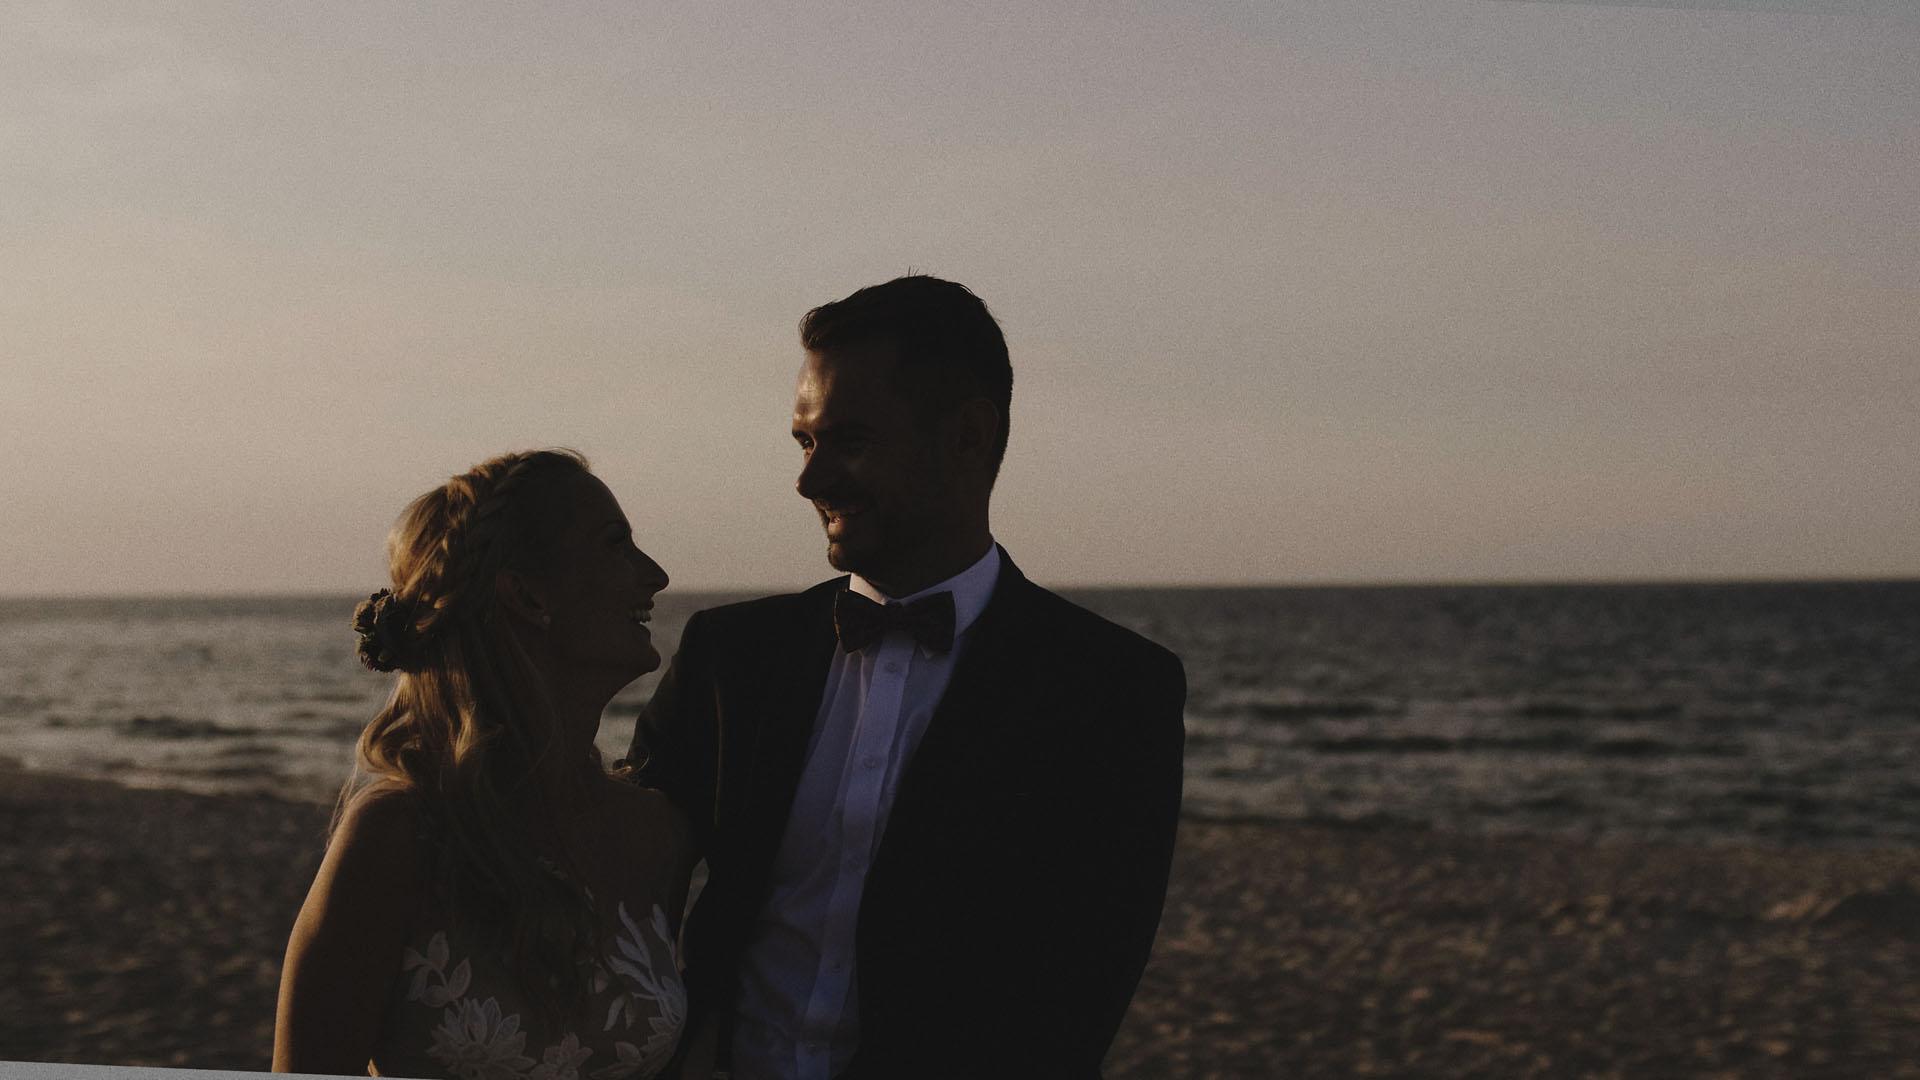 8 sesja plenerowa nad morzem plener nad morzem para młoda teledysk ślubny